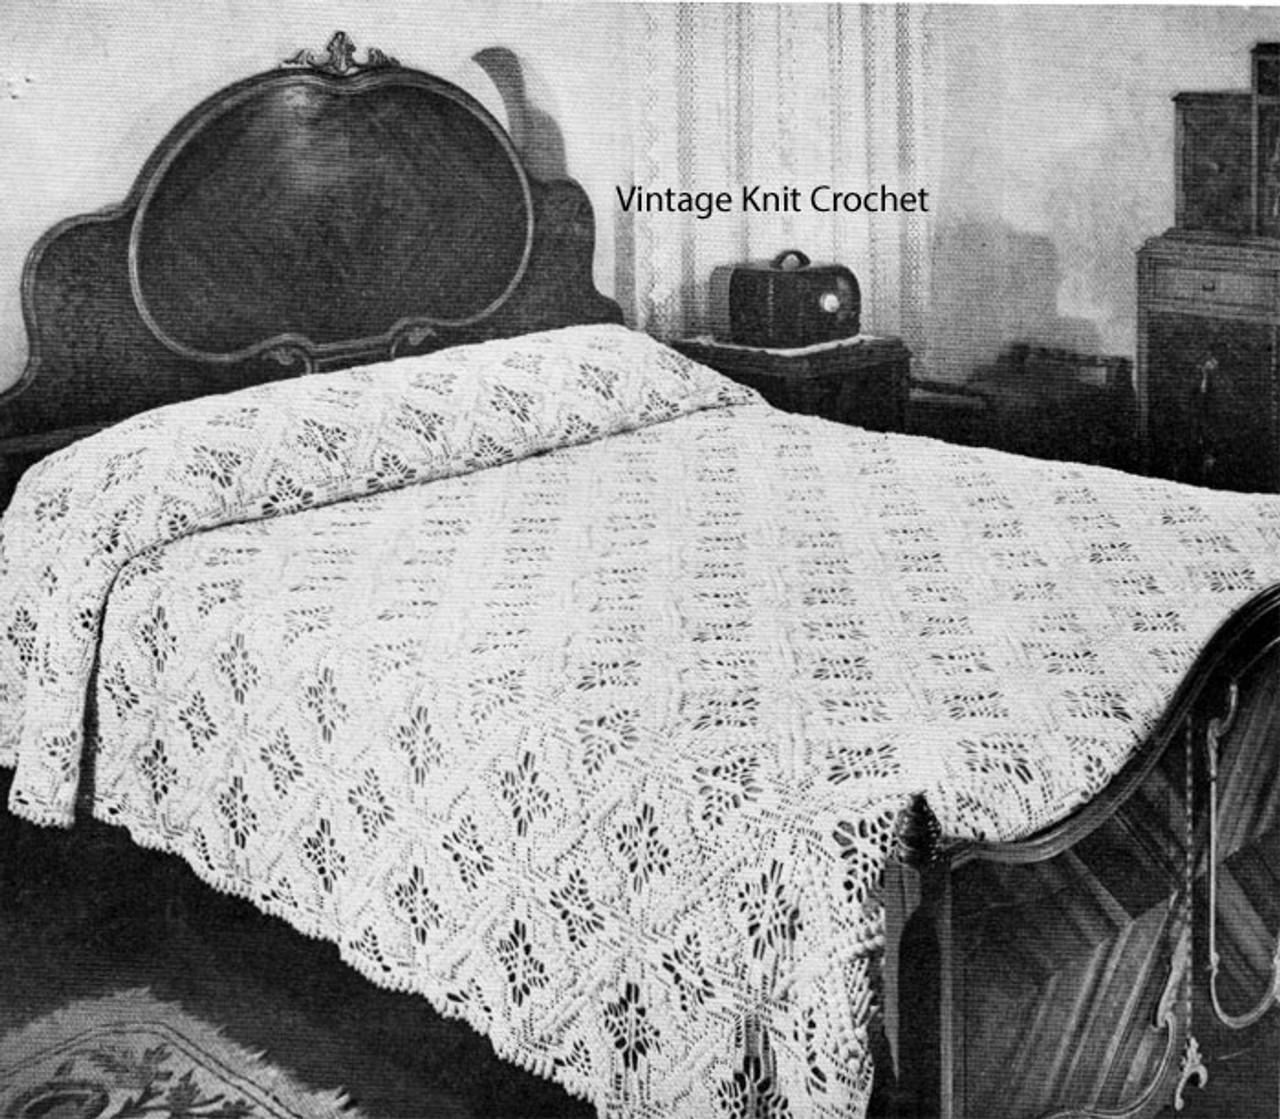 Vintage crochet bedspread pattern, Jeweled Cross